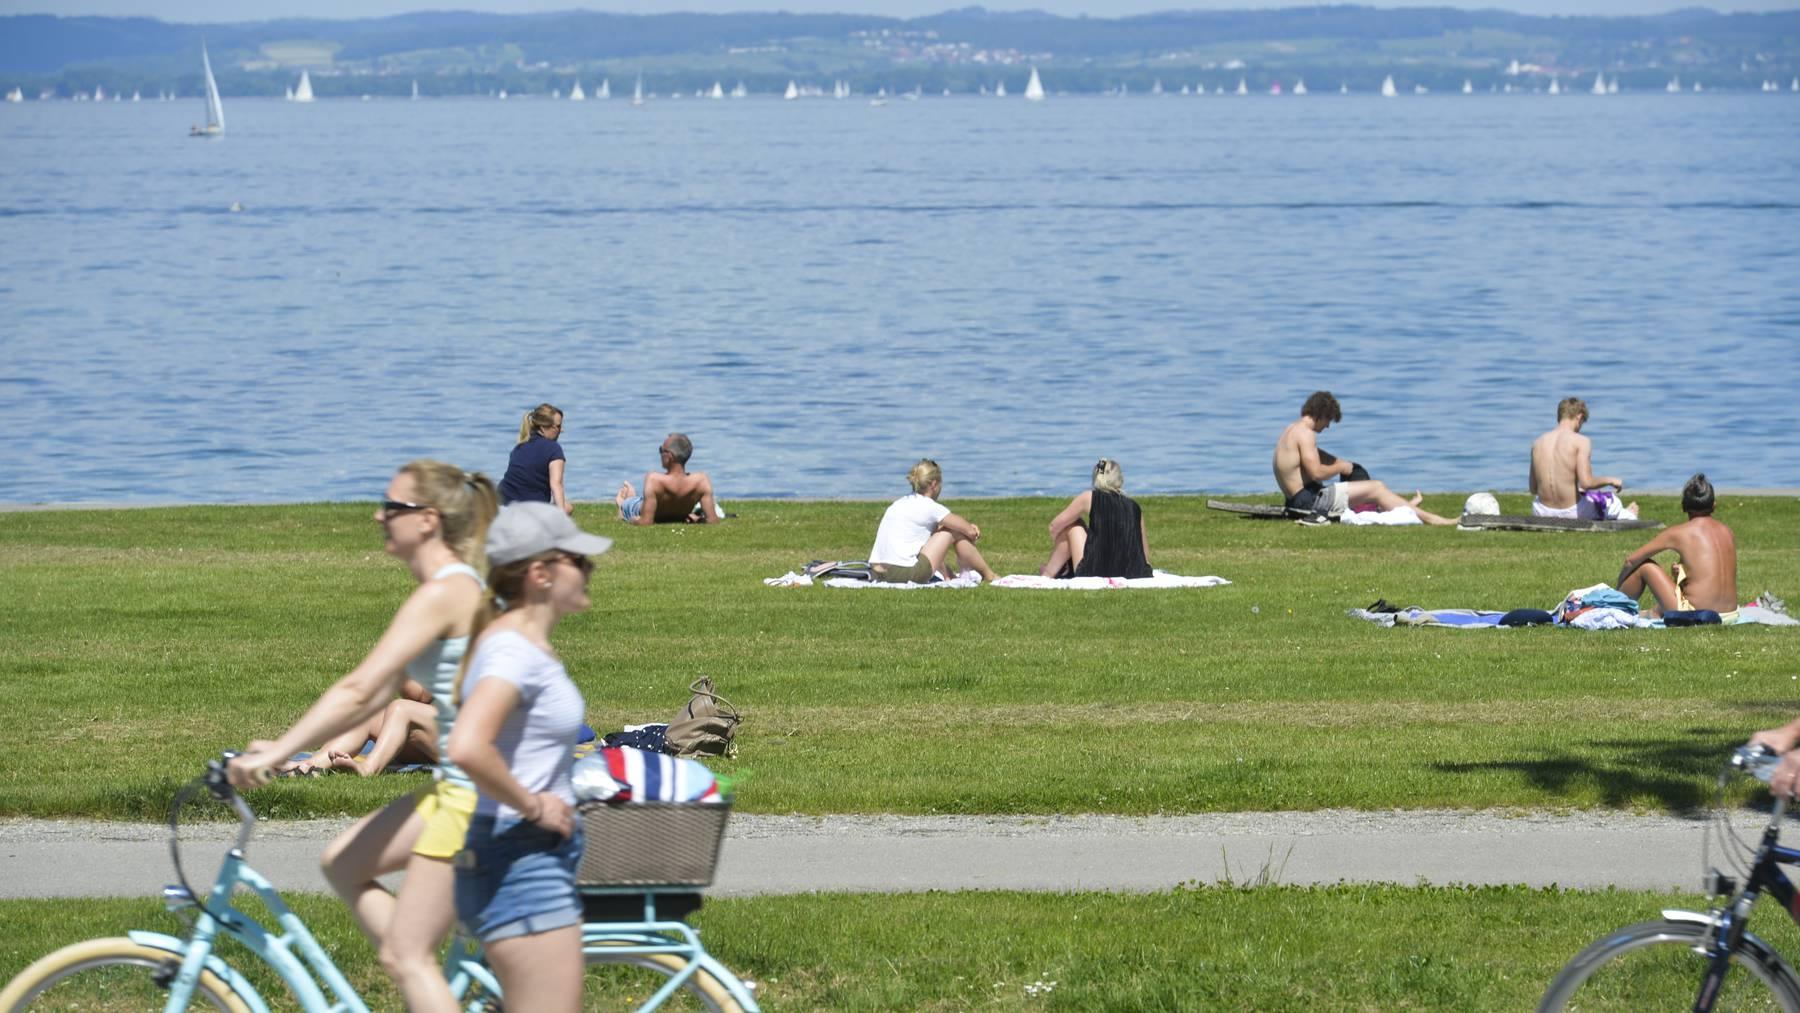 Sonnenhungrige geniessen ihre Freizeit in Arbon am Bodensee.